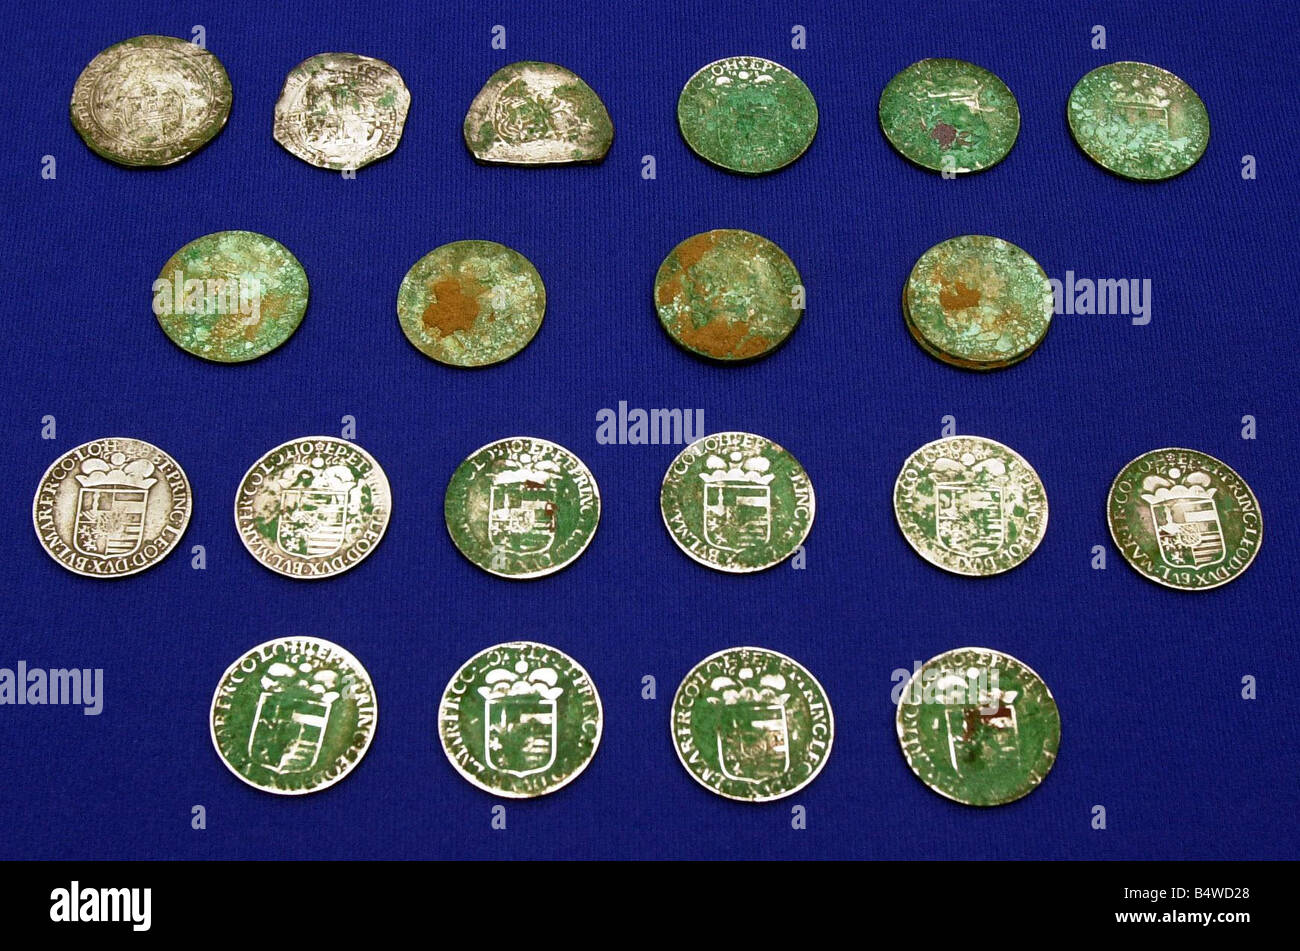 Seltene Münzen Stockfotos Seltene Münzen Bilder Alamy